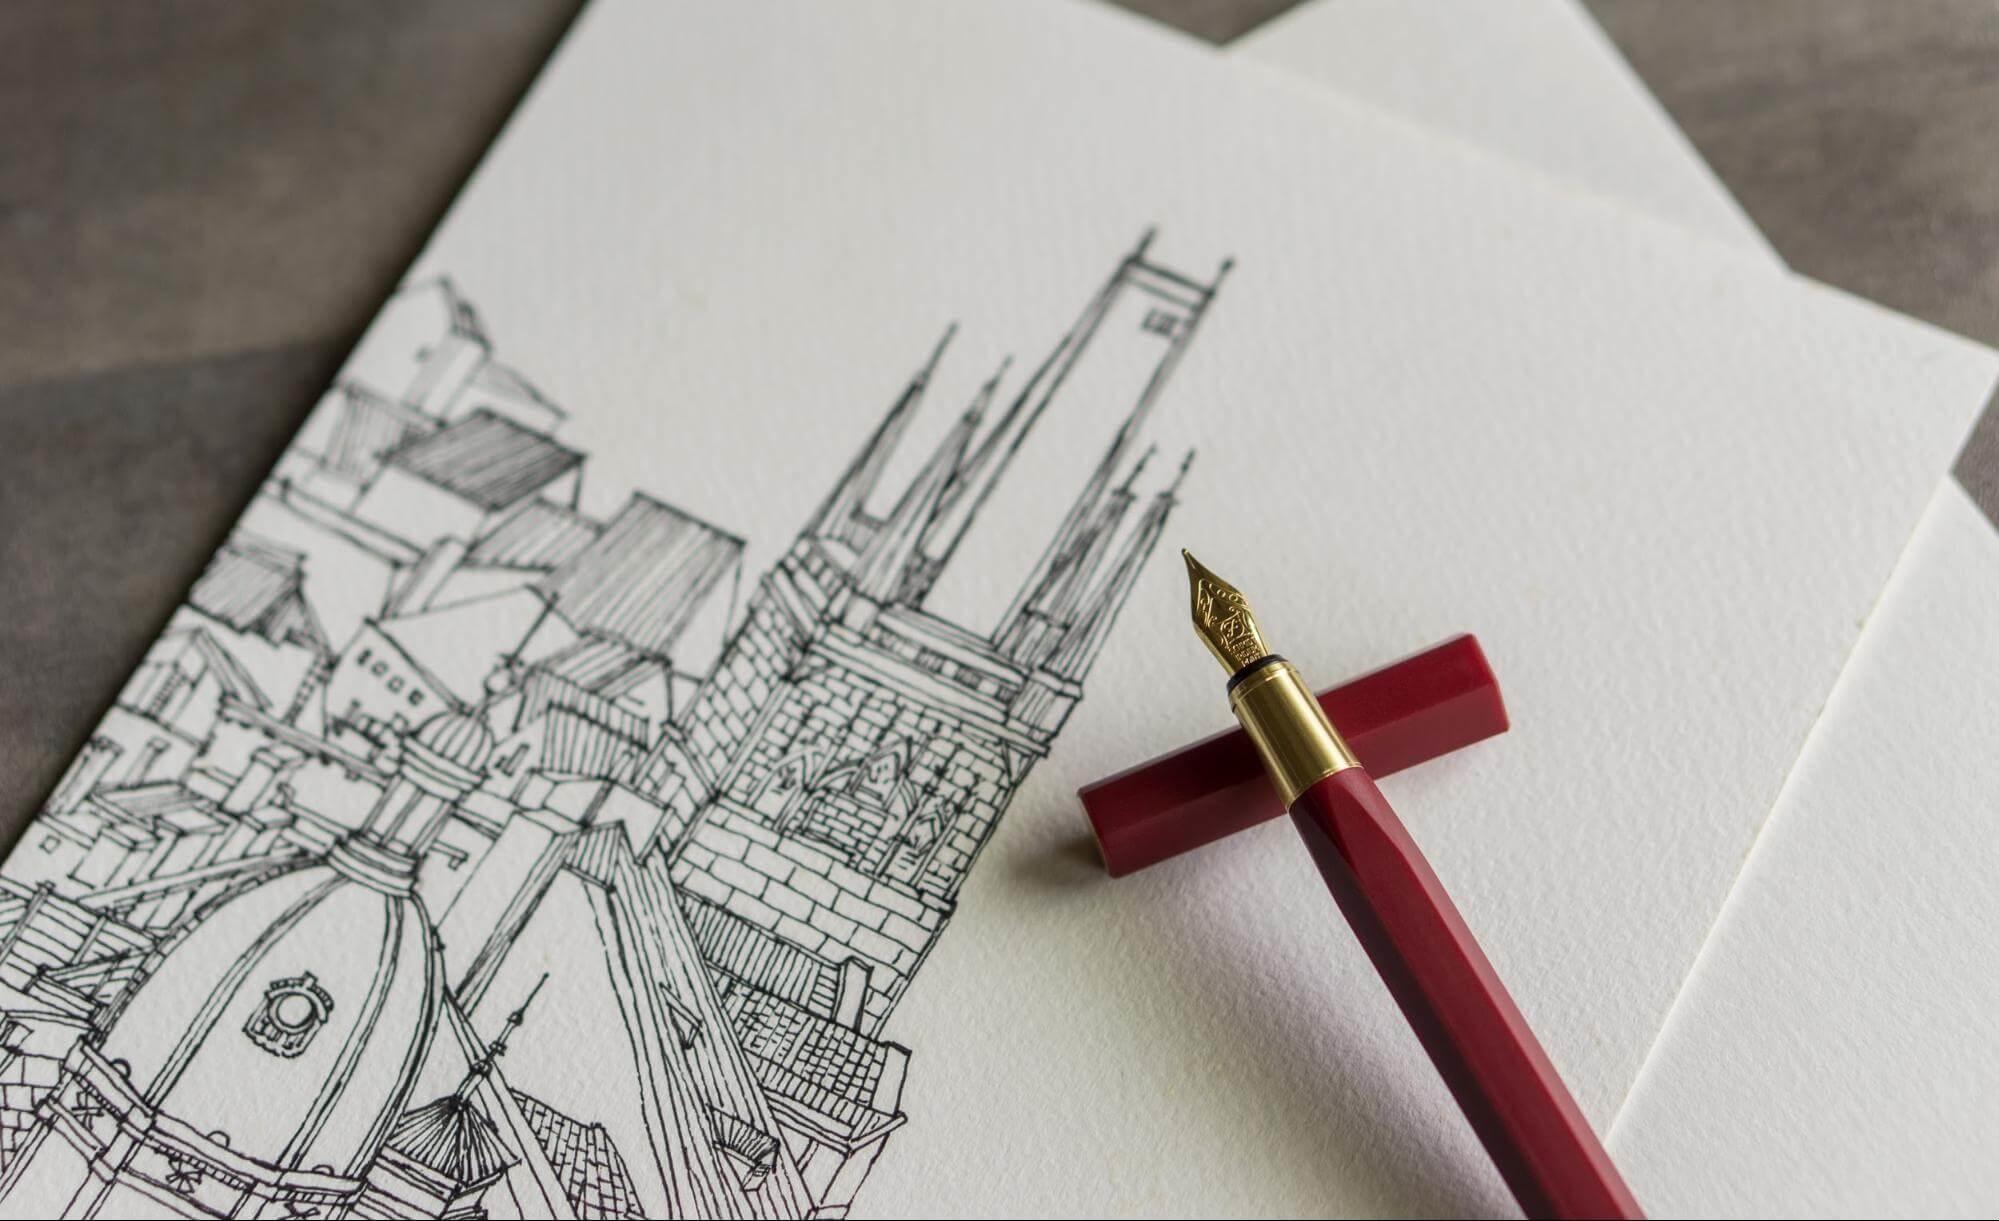 手寫語錄搭配鋼筆繪畫